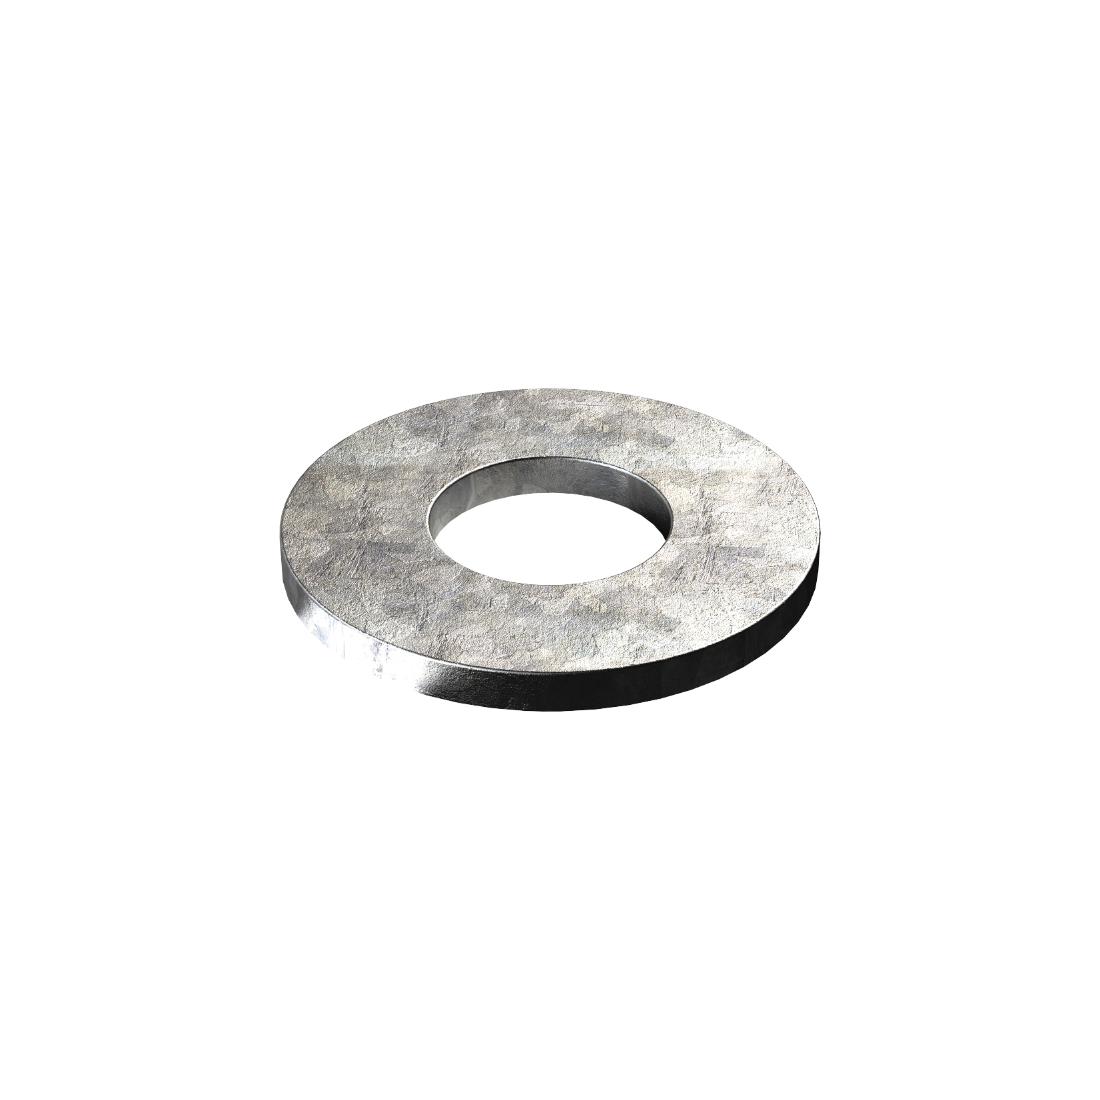 Flat Round Washer M10 x 24 x 3mm Mild Steel Galvanised WFRMG102436